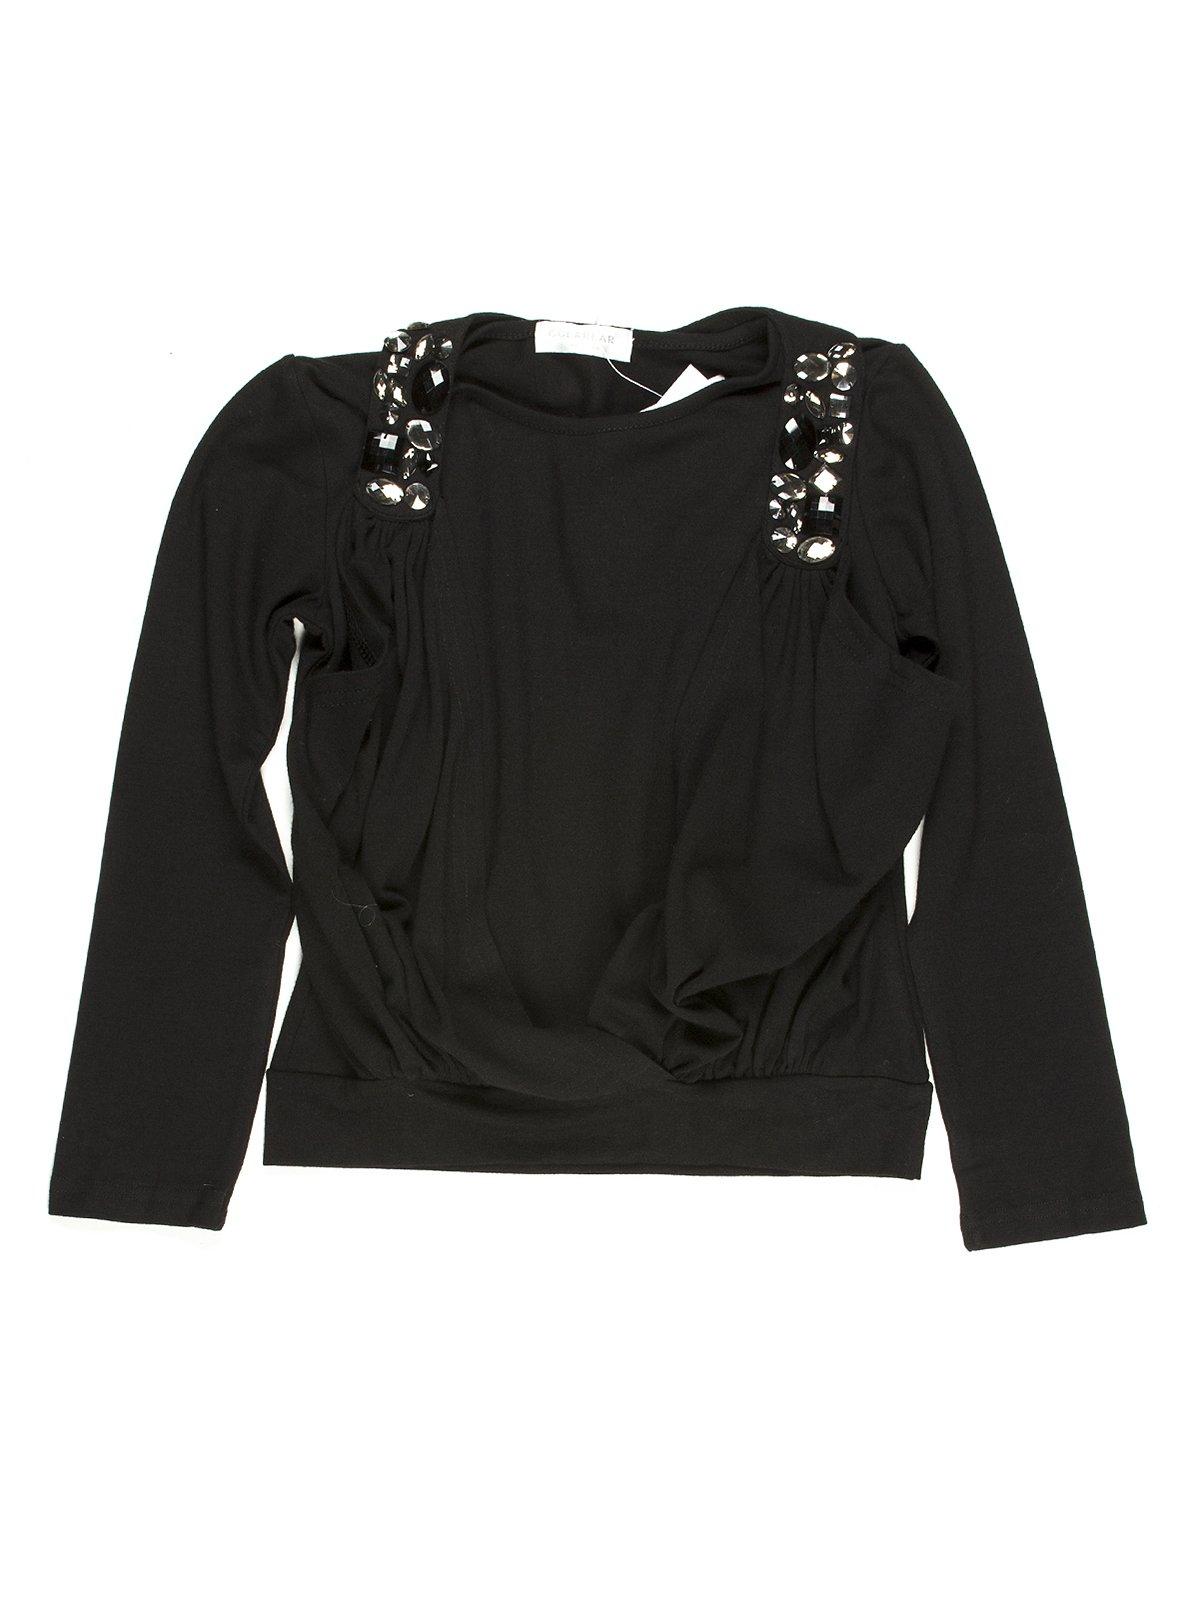 Джемпер черный со стилизованным жилетом | 649140